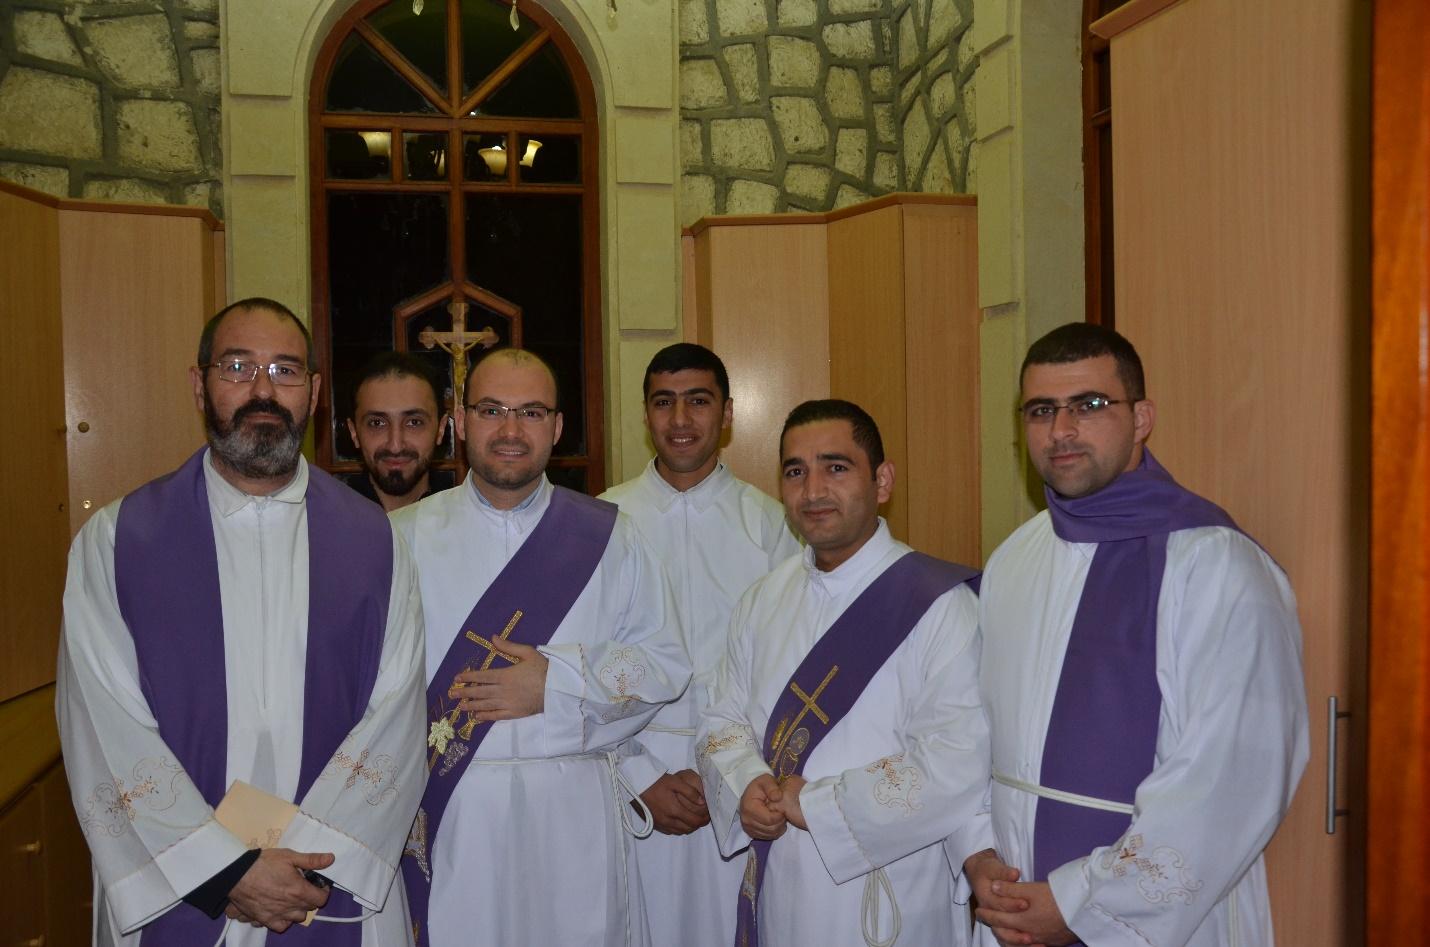 Con seminaristas